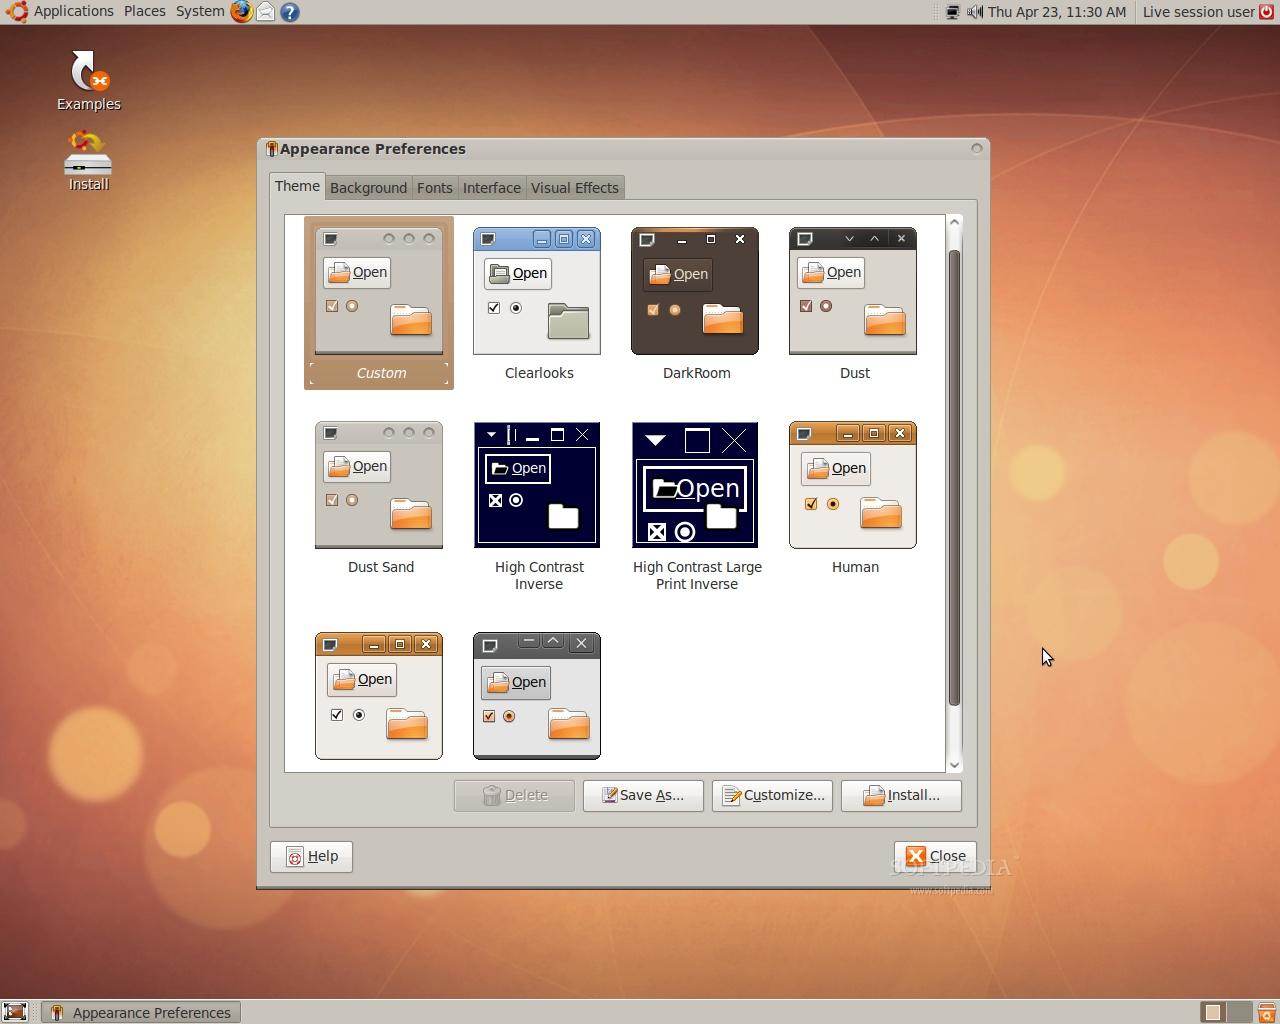 How to use openwebif ubuntu